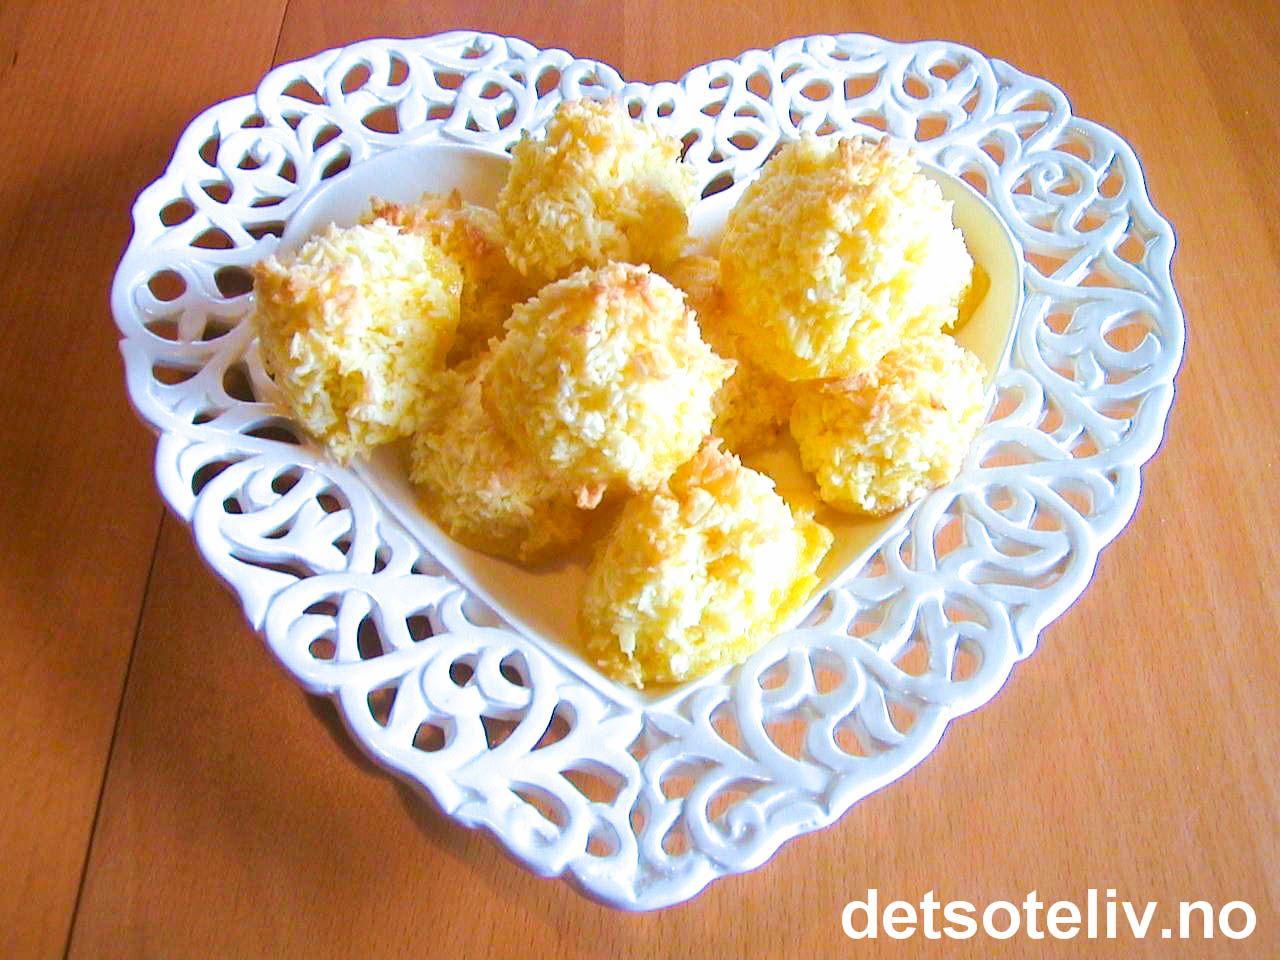 """Her har du en svensk oppskrift på """"Kokostopper"""", som er helt spesielle fordi de ikke inneholder noen former for mel. Kakene blir gule i fargen, veldig myke og saftige i konsistensen, og kjempegode! Dessuten er de kjemperaske å lage! Oppskriften gir 25 stk."""